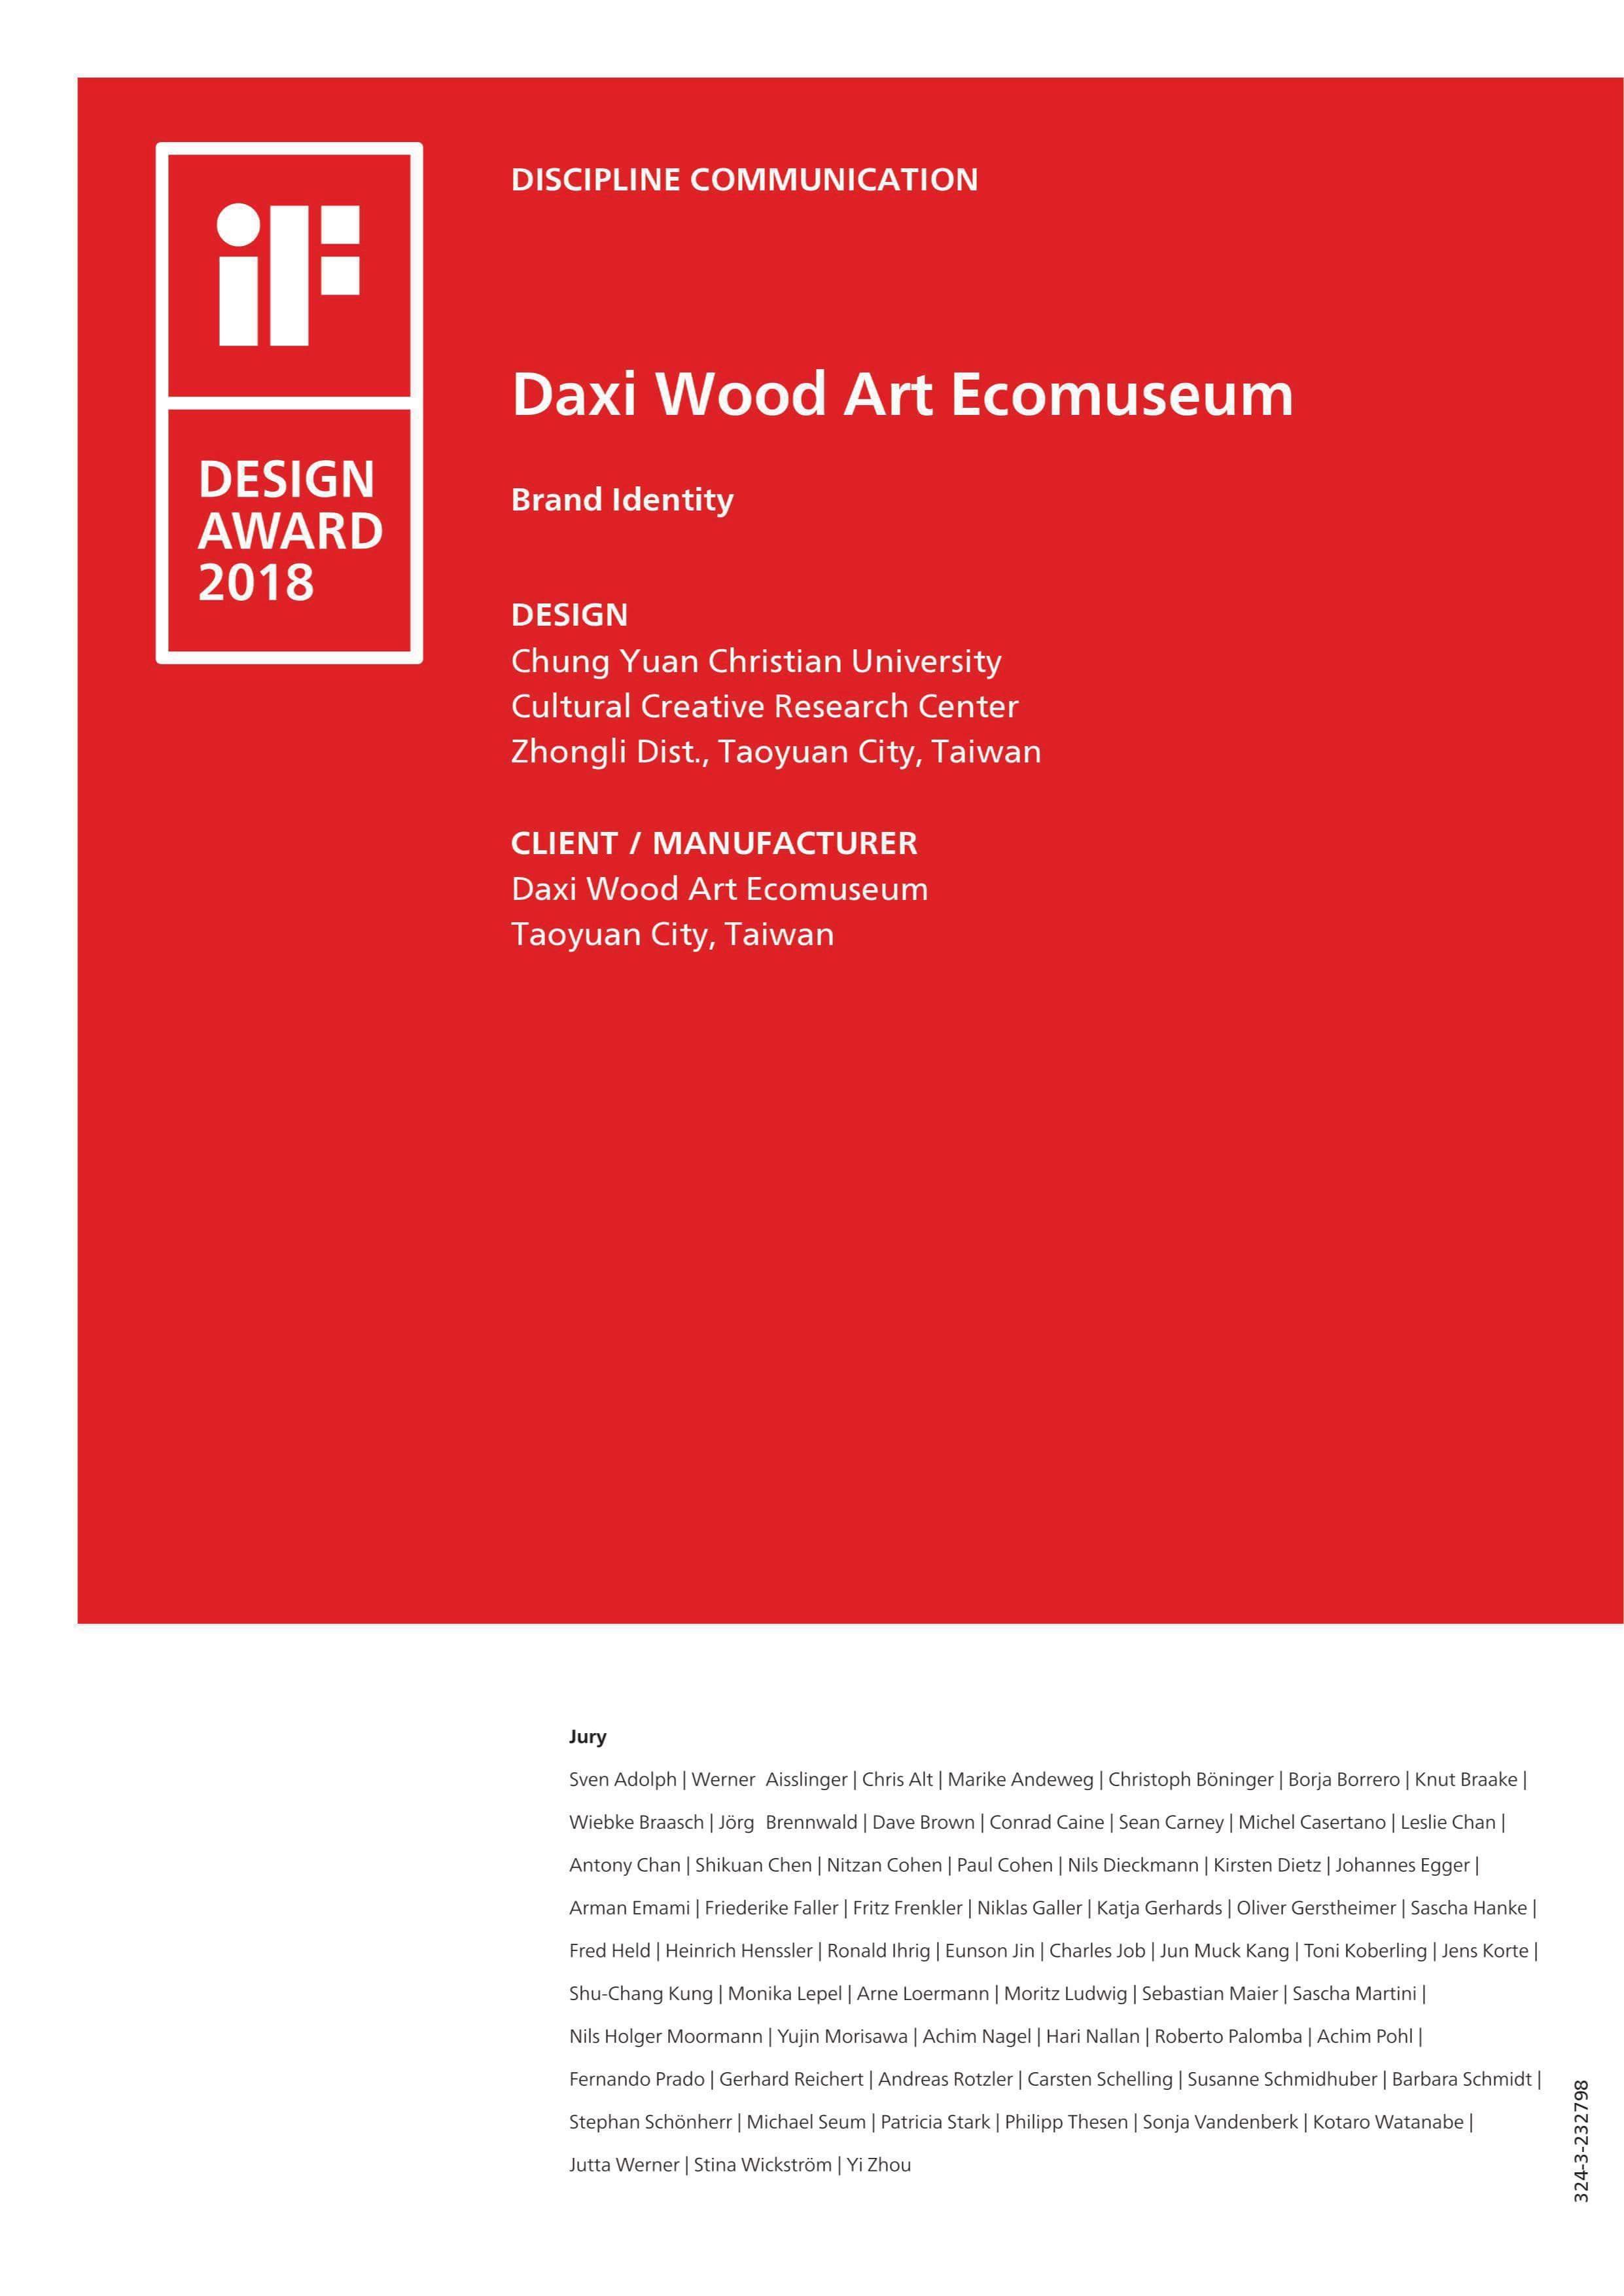 通稿照片-中原文創中心參賽作品名稱以「大溪木藝生態博物館」(Daxi_Wood_Art_Ecomuseum)作為主題,跳脫以往另命別名參與競賽,讓大溪直接被國際看見。.jpg